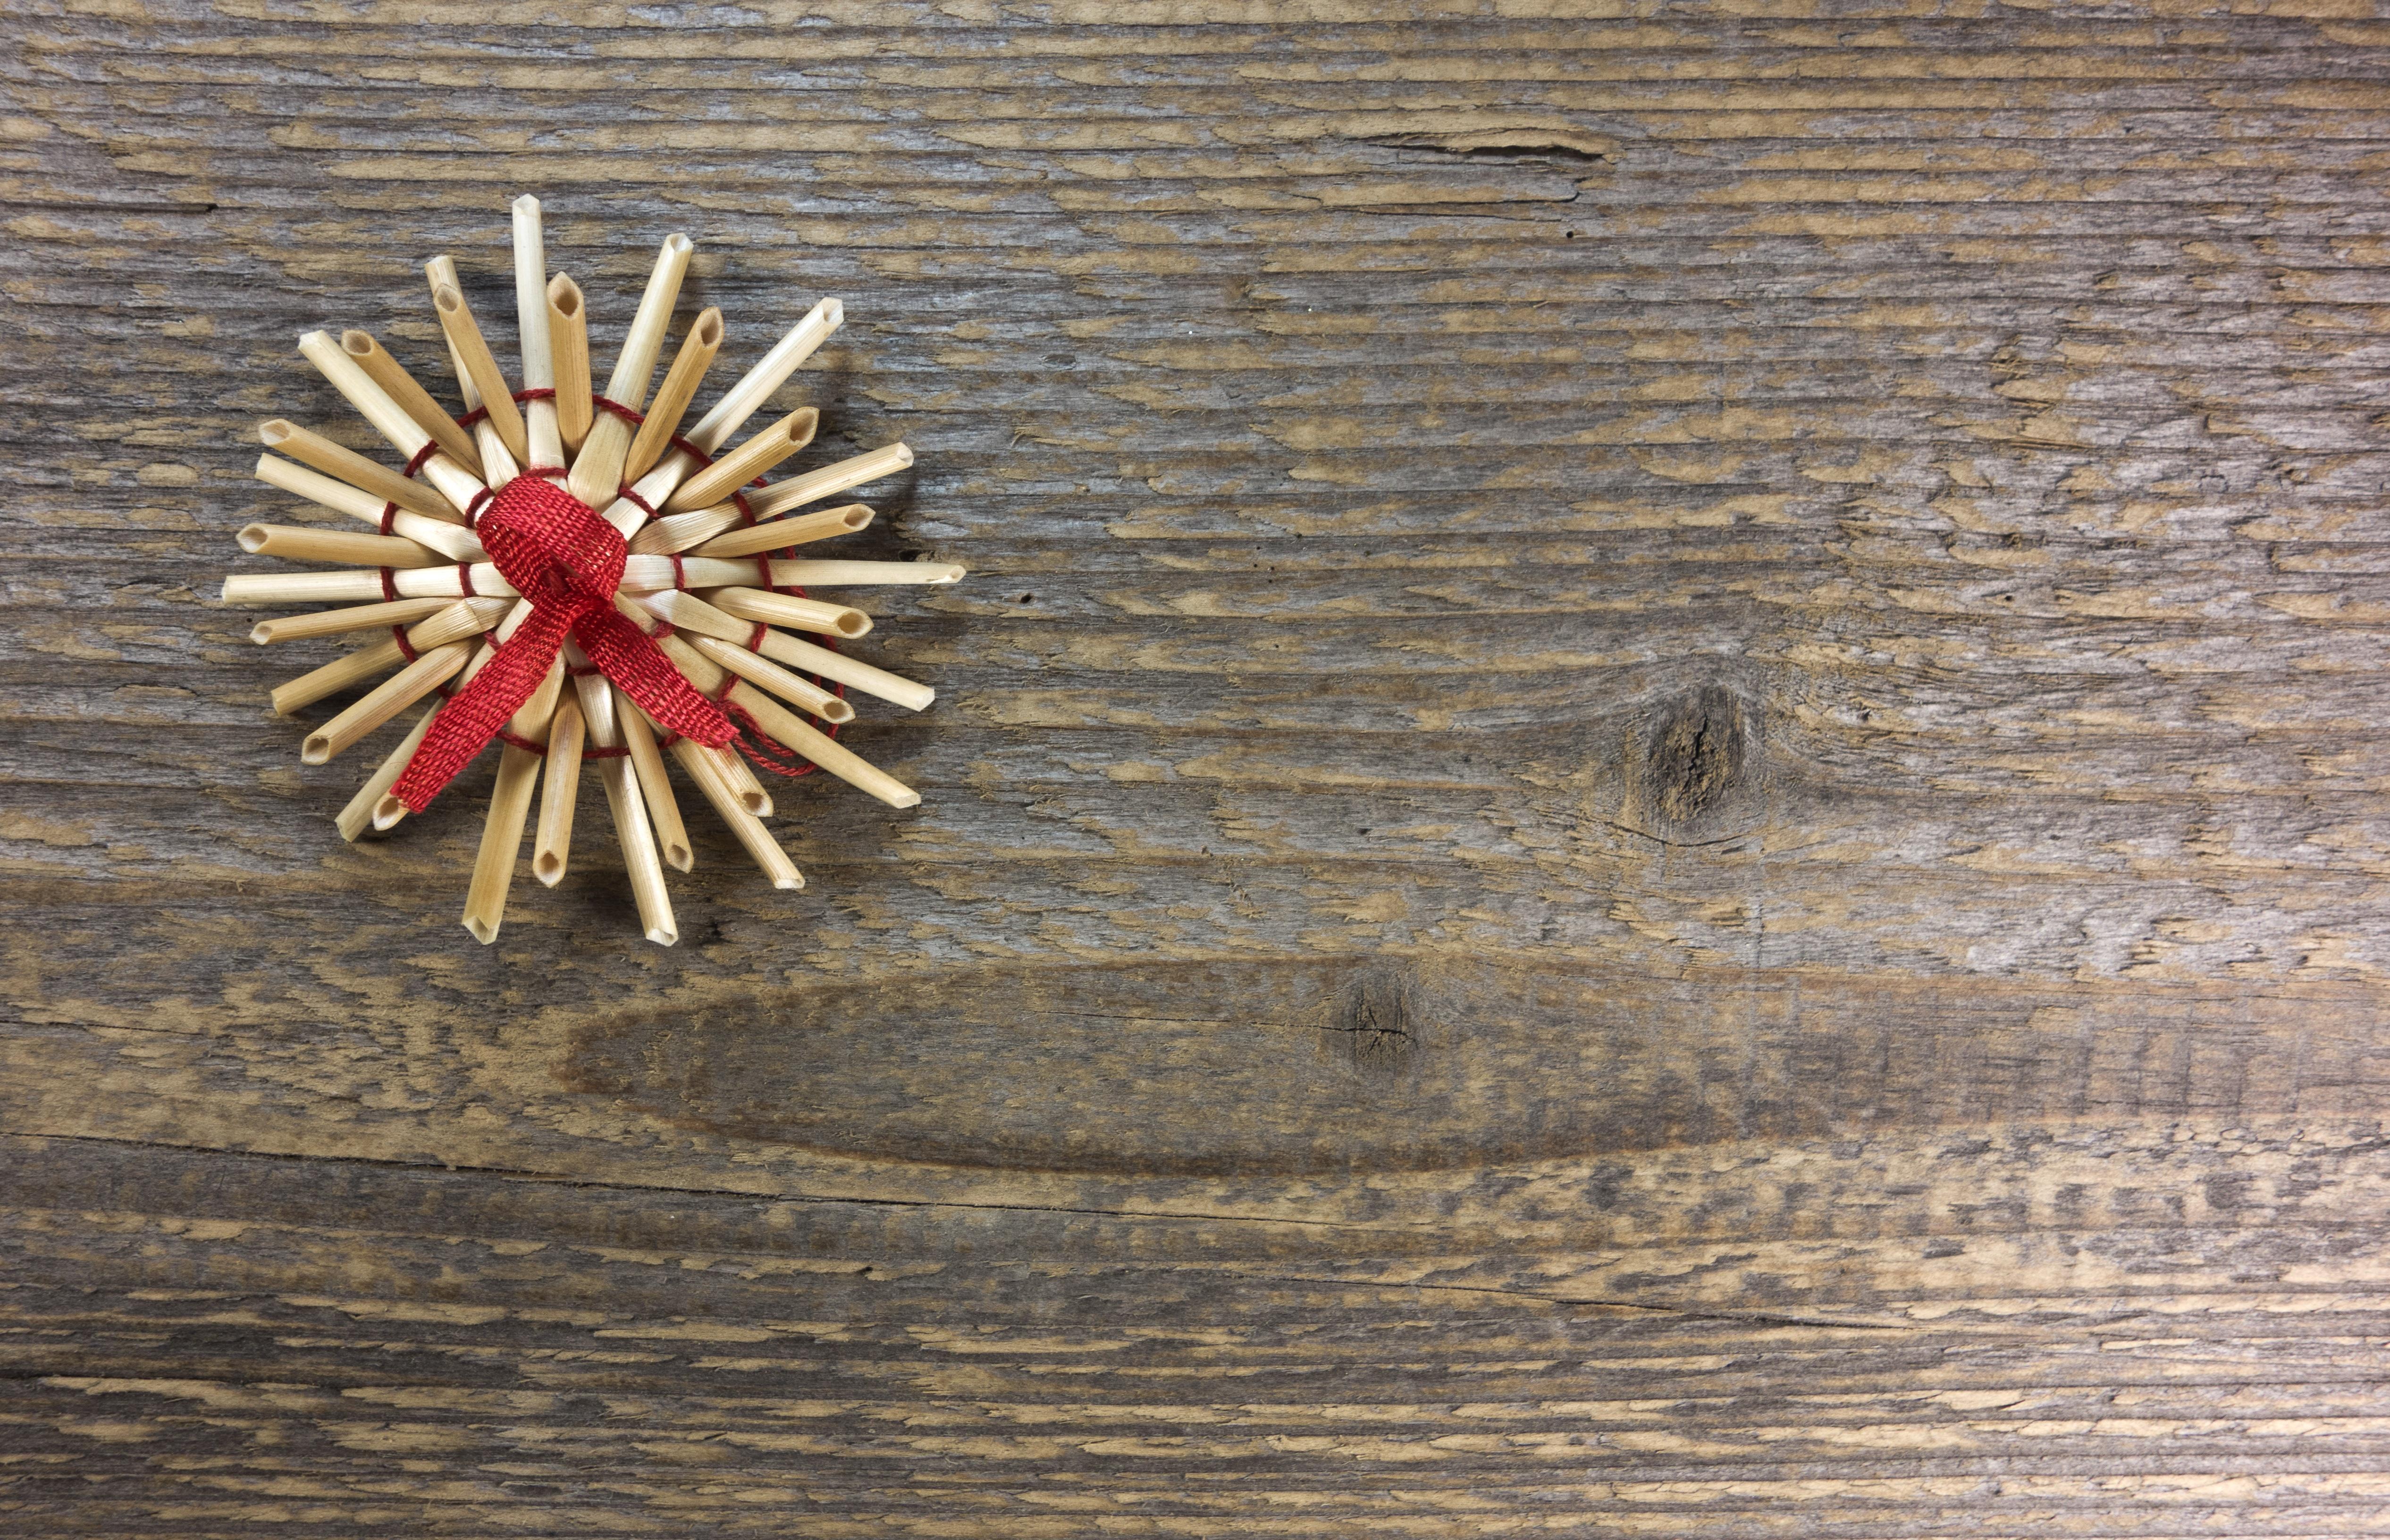 images gratuites bois toile feuille fleur d coration d co av nement bijoux d cor. Black Bedroom Furniture Sets. Home Design Ideas